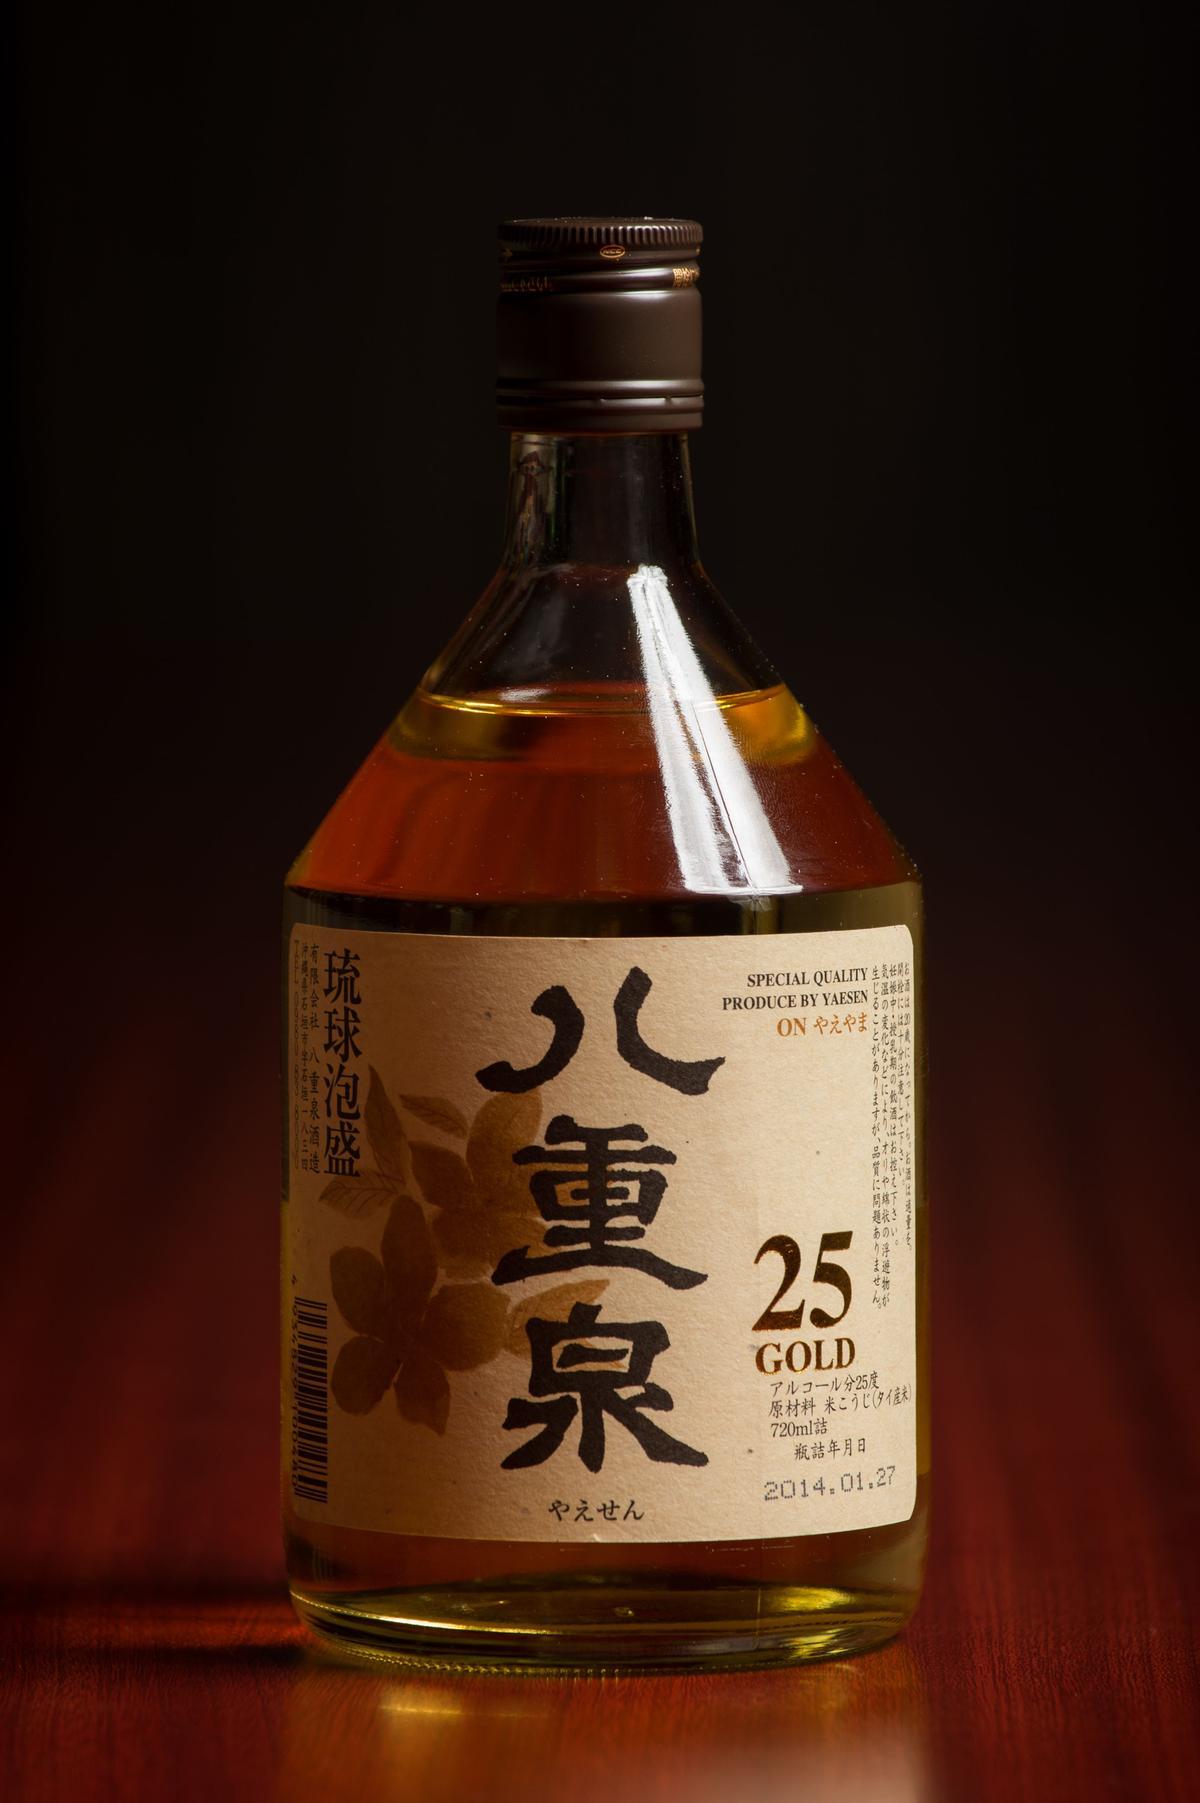 「黃金八重泉」是將蒸餾完成的石垣島泡盛原酒貯藏於來自法國的橡木桶中,不僅帶來金黃酒色,也釋放出高雅木香,適合喜歡洋酒的人。(1,200元/瓶)